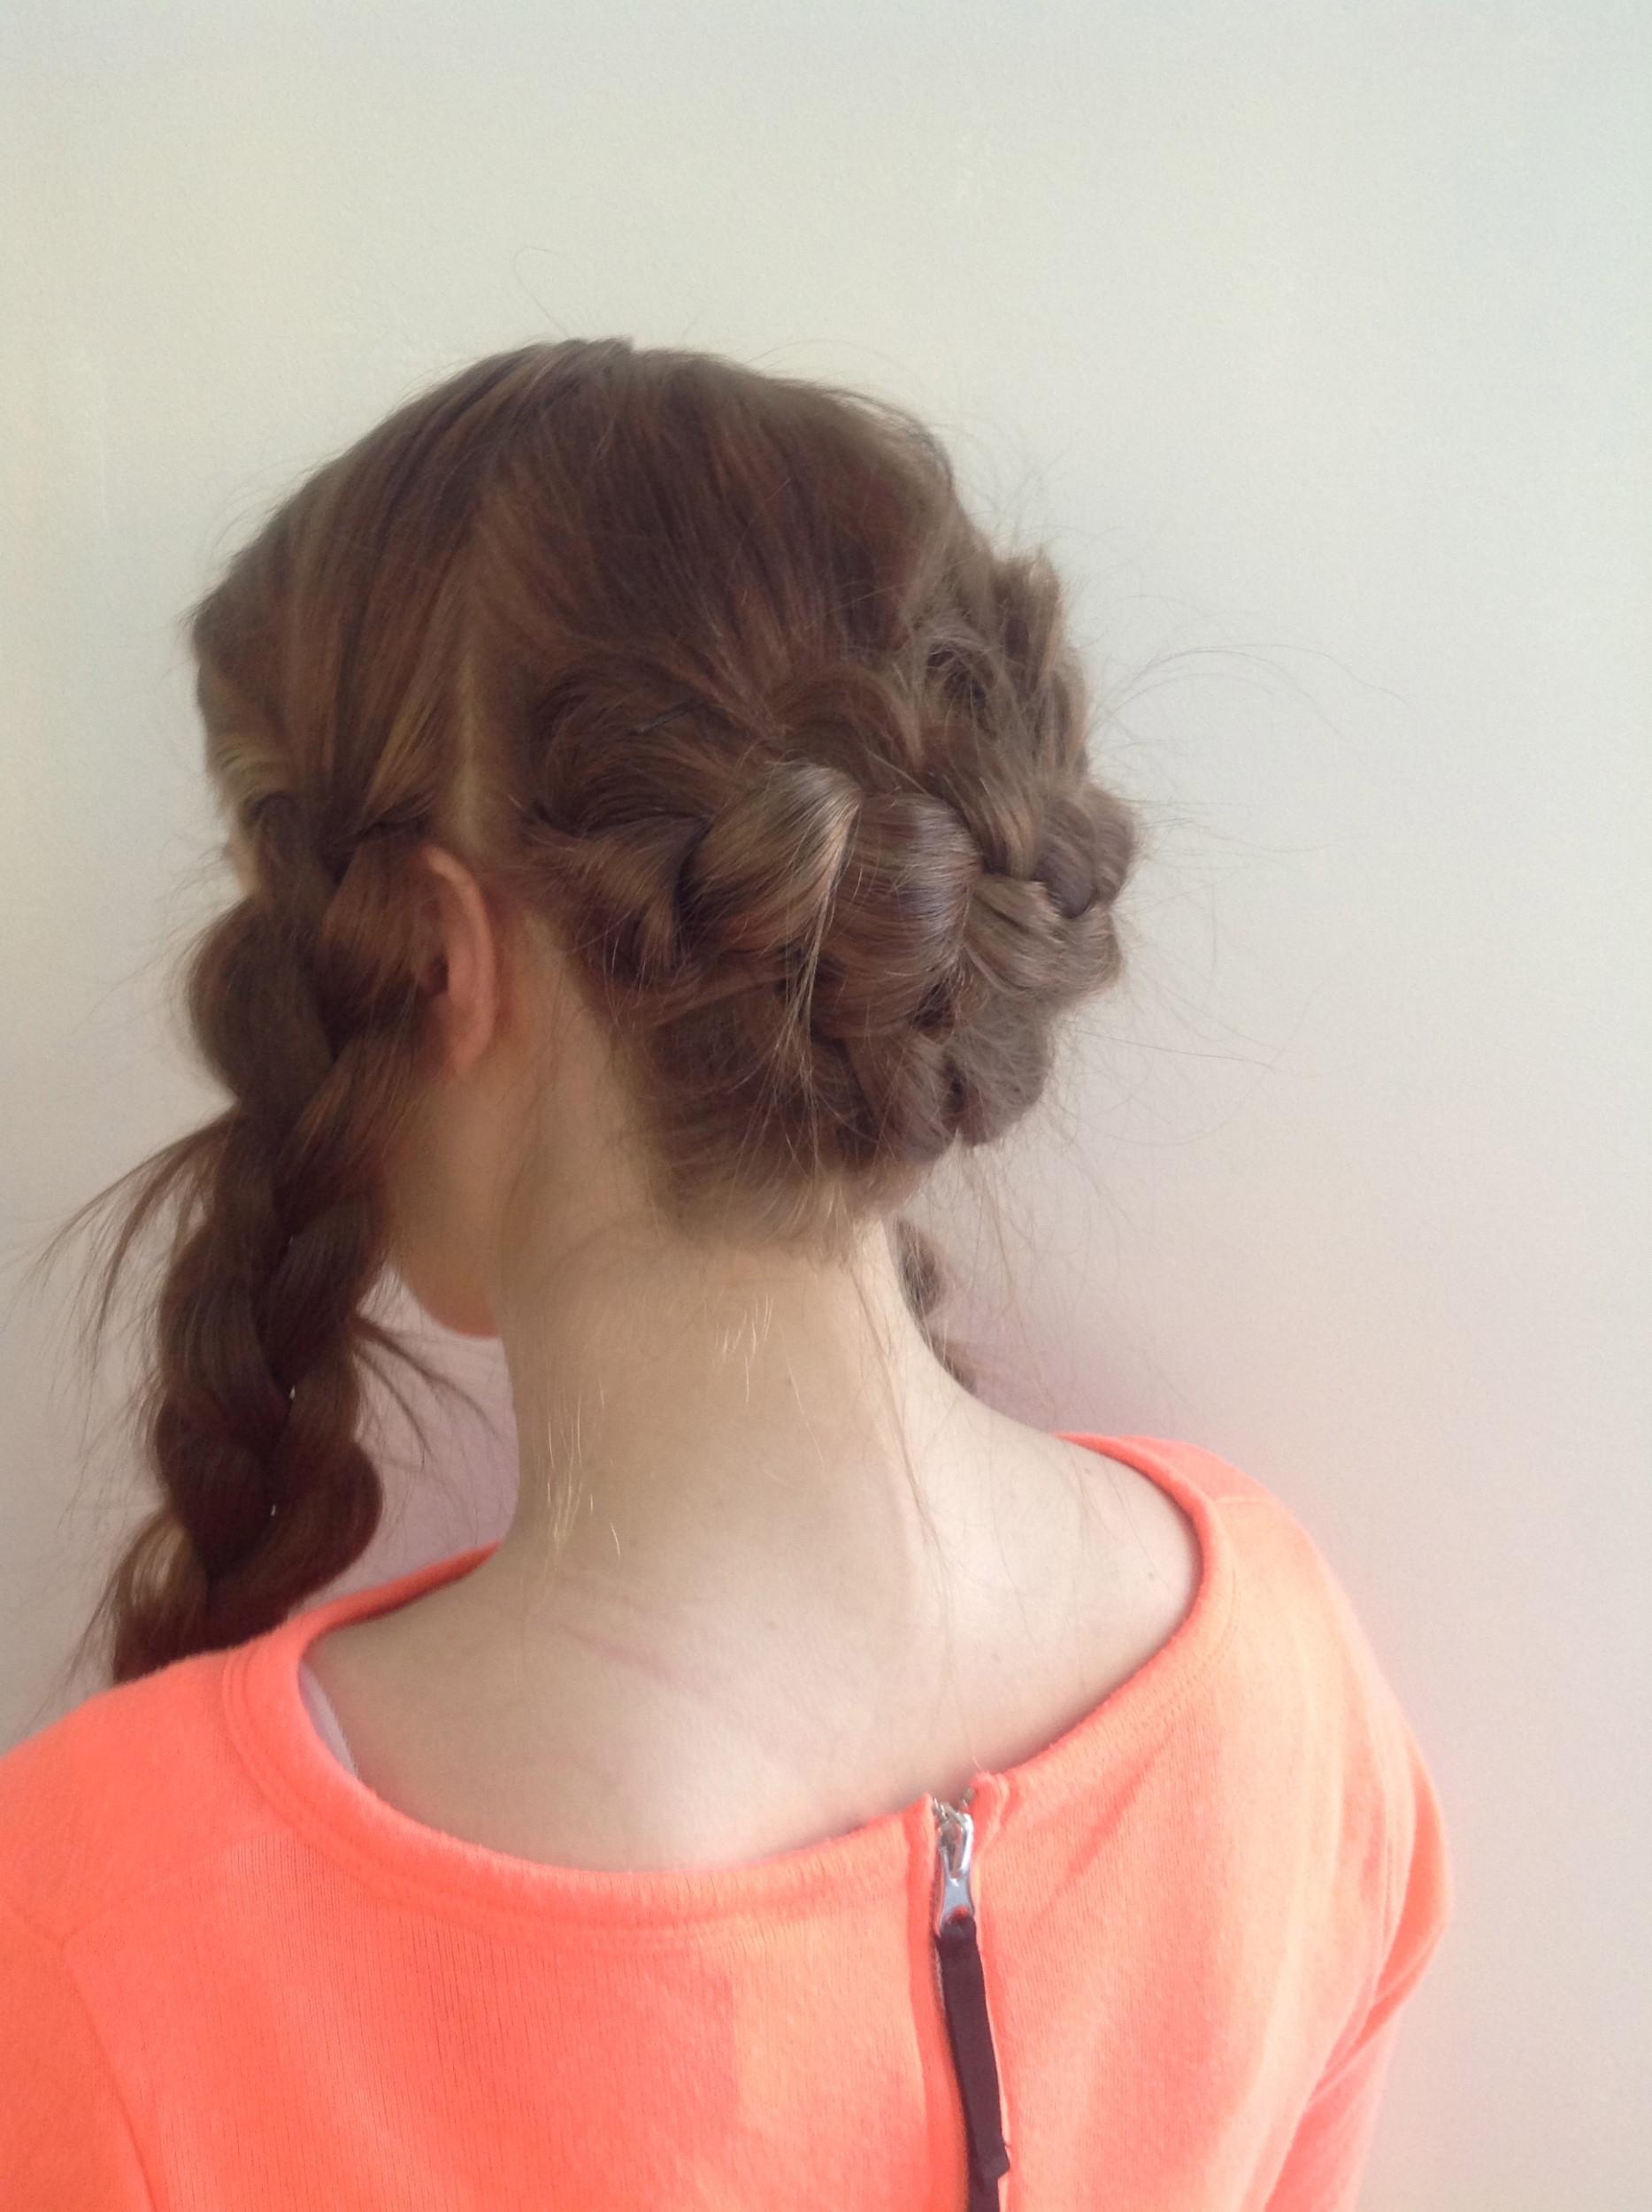 Kiinnitä nyt sivussa olevat letit niskaan tai niin pitkälle kuin hiustesi pituus antaa myöden.